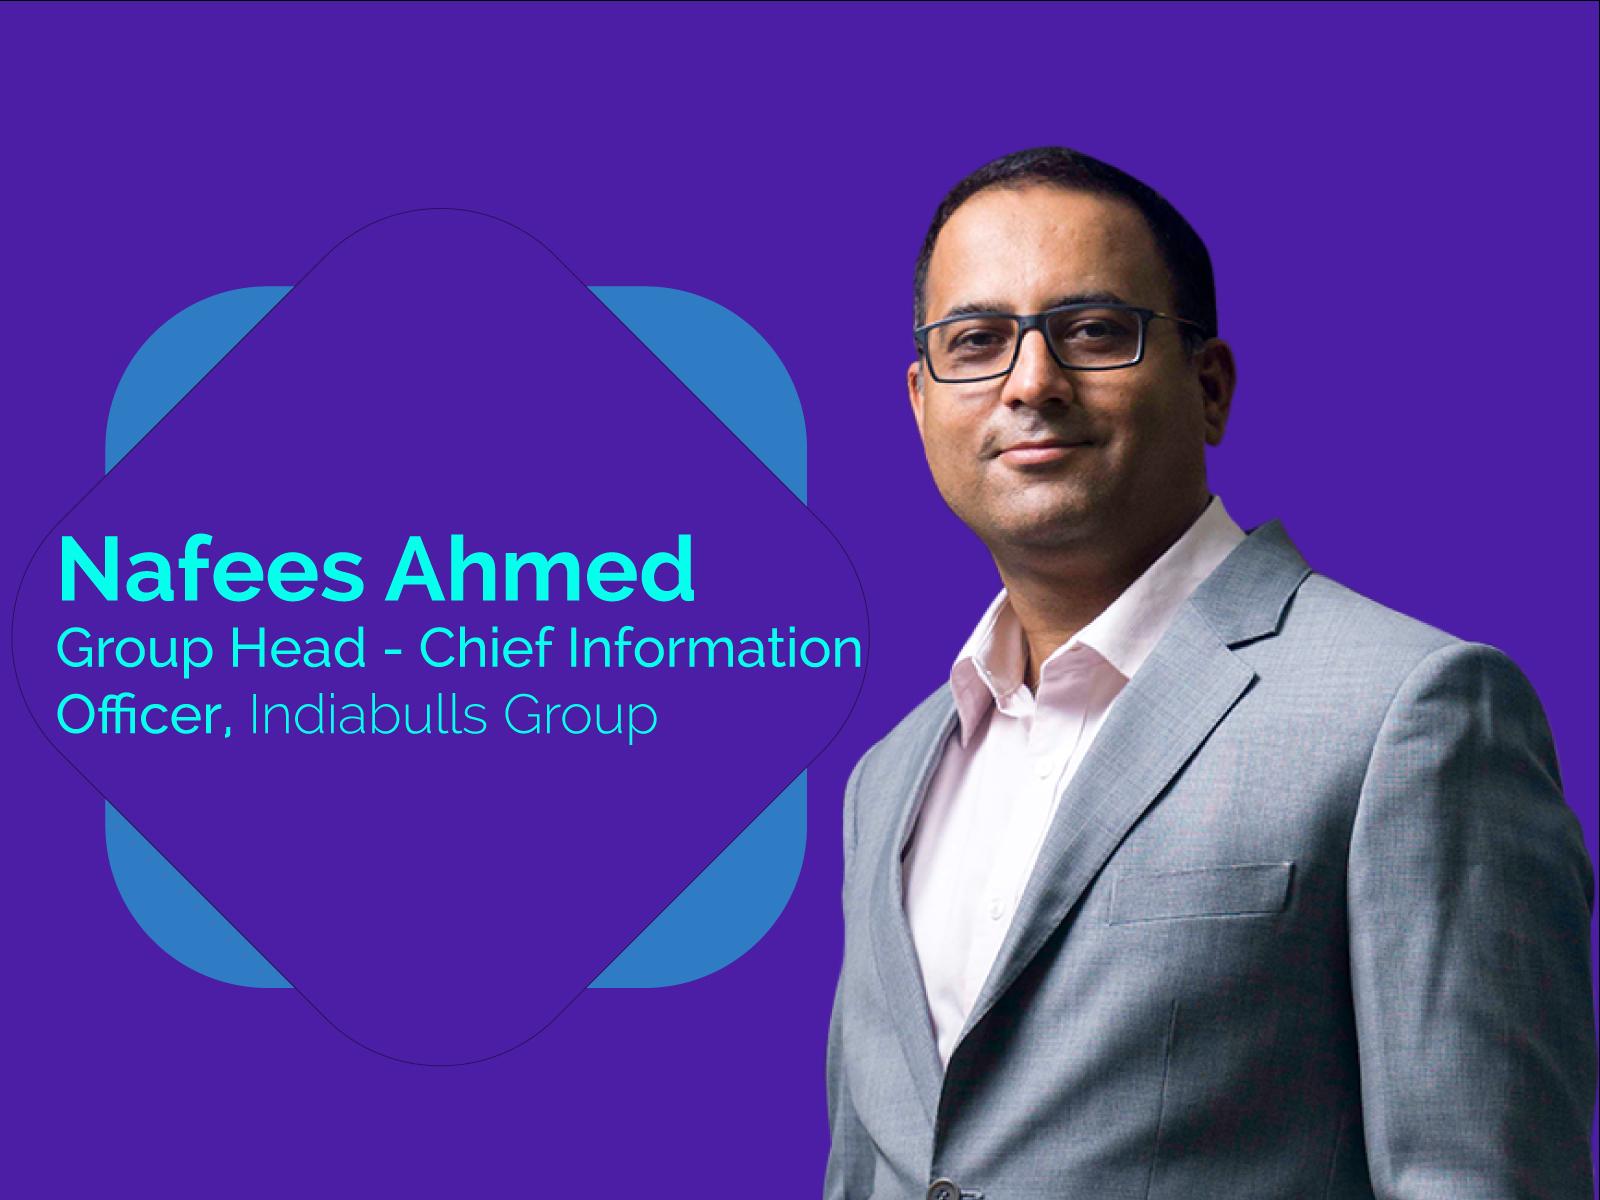 Nafees Ahmed, CIO, Indiabulls